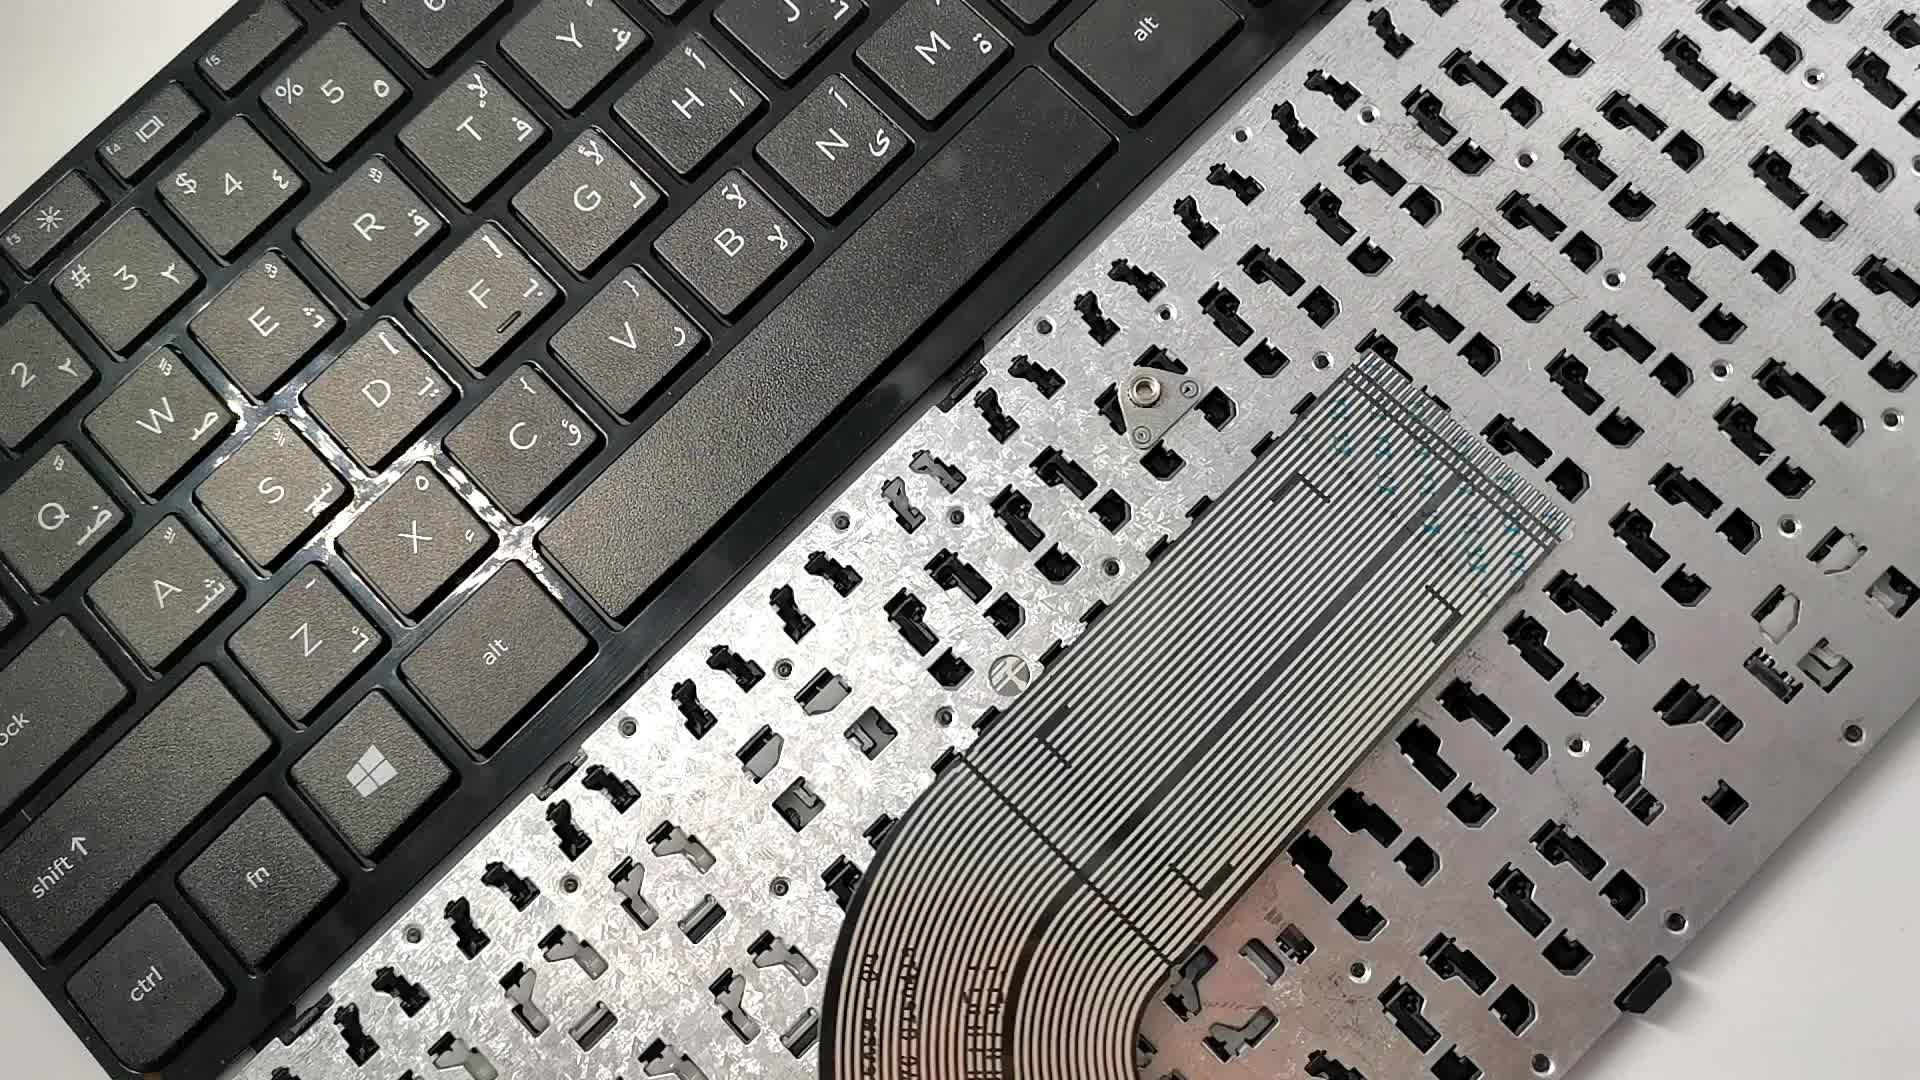 2019 नए एआर कीबोर्ड के लिए हिमाचल प्रदेश मंडप 15-e 15-n 15-g 15-r श्रृंखला लैपटॉप अरबी कीबोर्ड काले फ्रेम के साथ